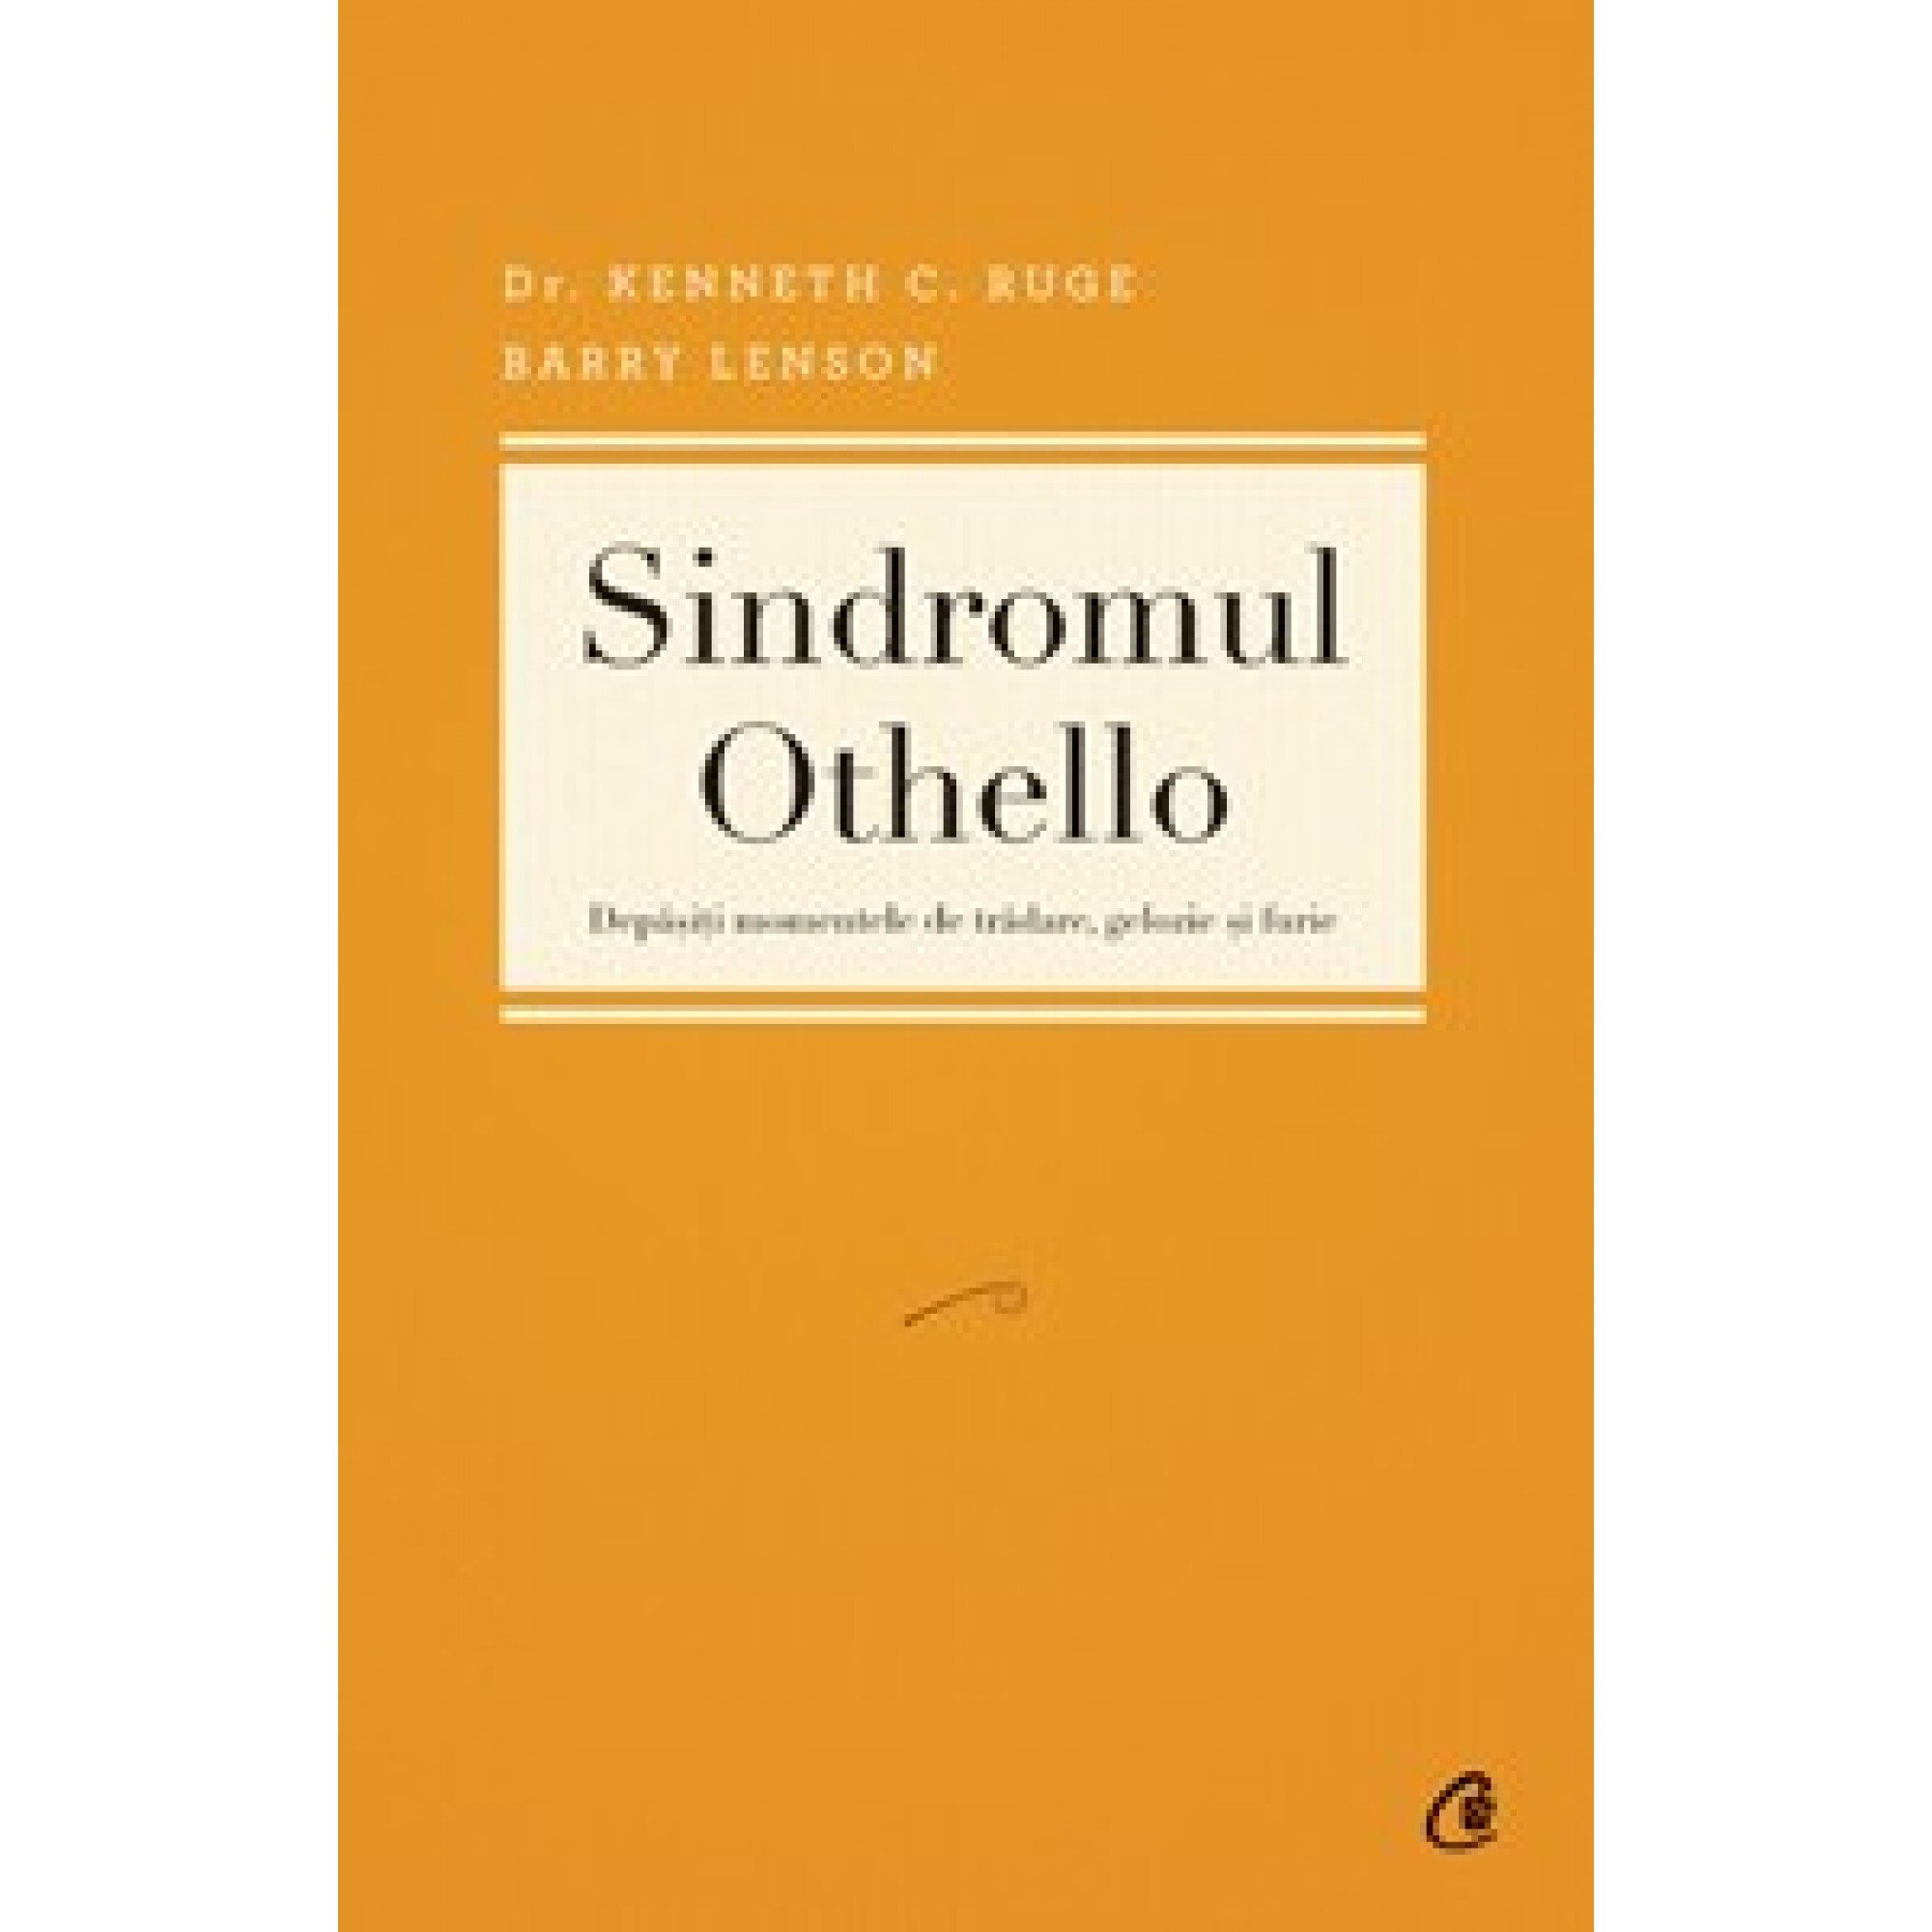 Sindromul Othello. Depăşiţi momentele de trădare, gelozie şi furie; Dr. Kenneth C. Ruge şi Barry Lenson